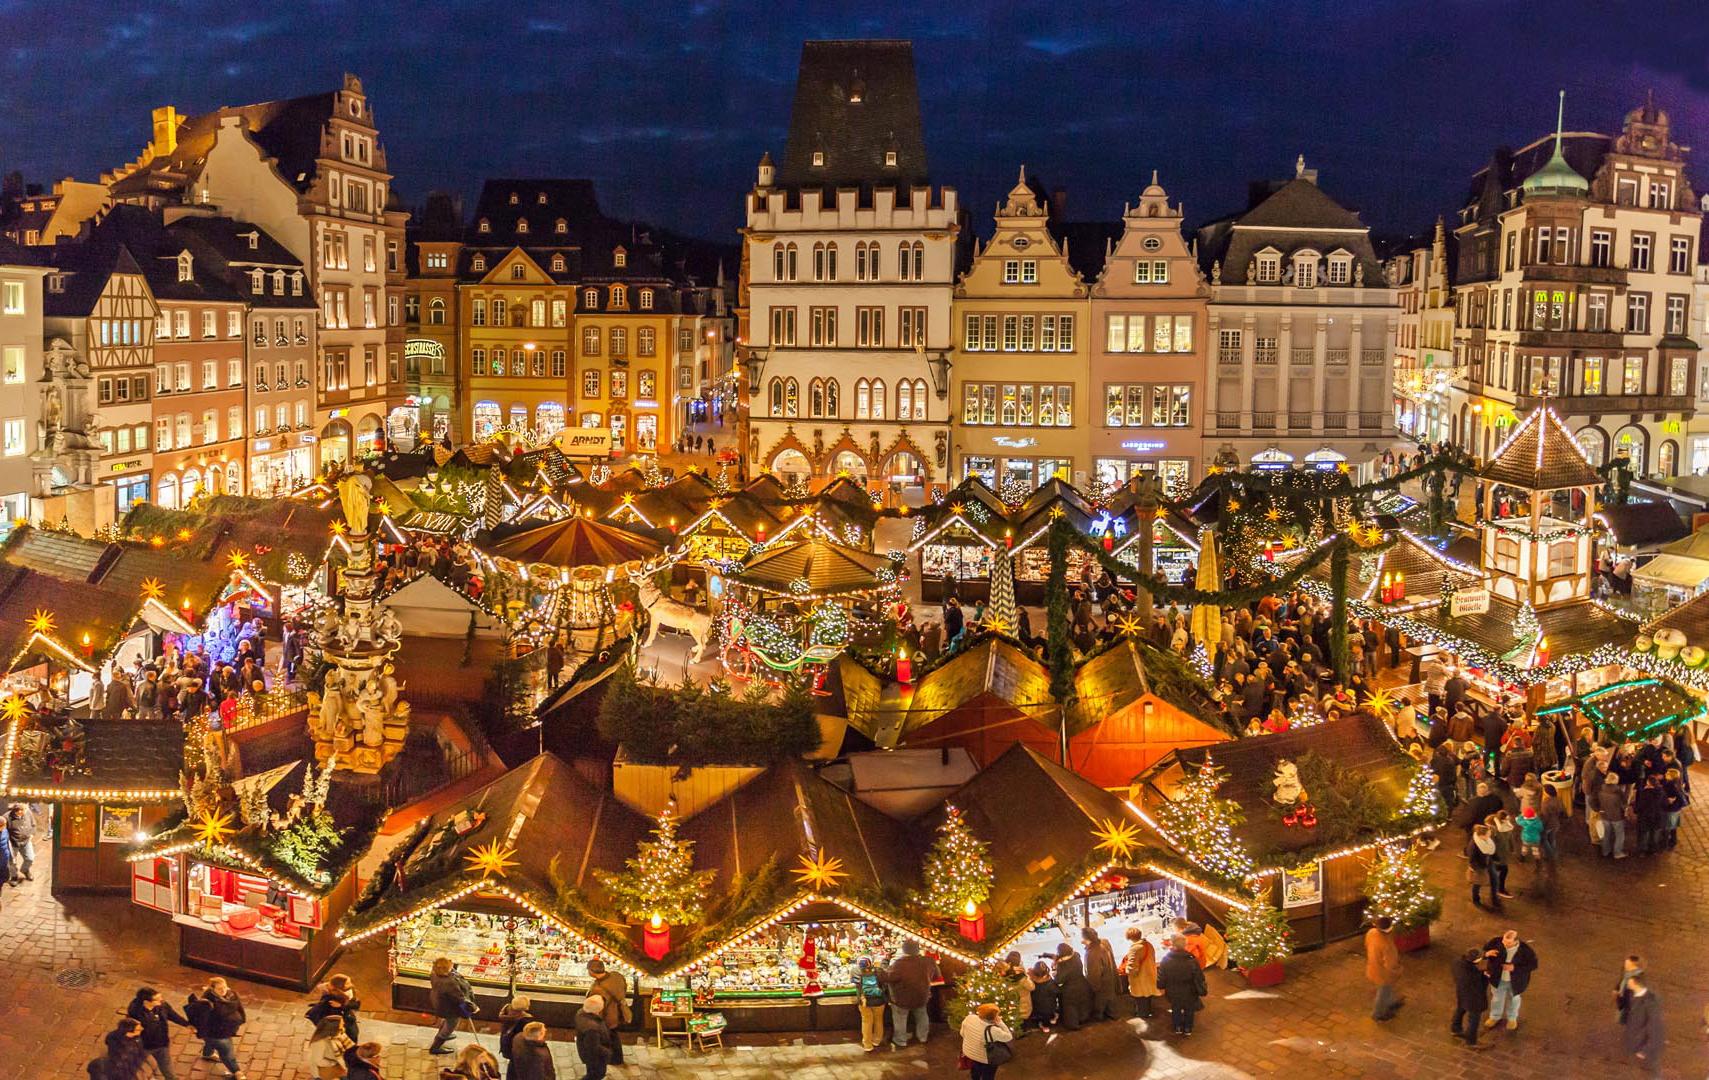 http://www.trierer-weihnachtsmarkt.de/media/press/weihnachtsmarkt_023.jpg